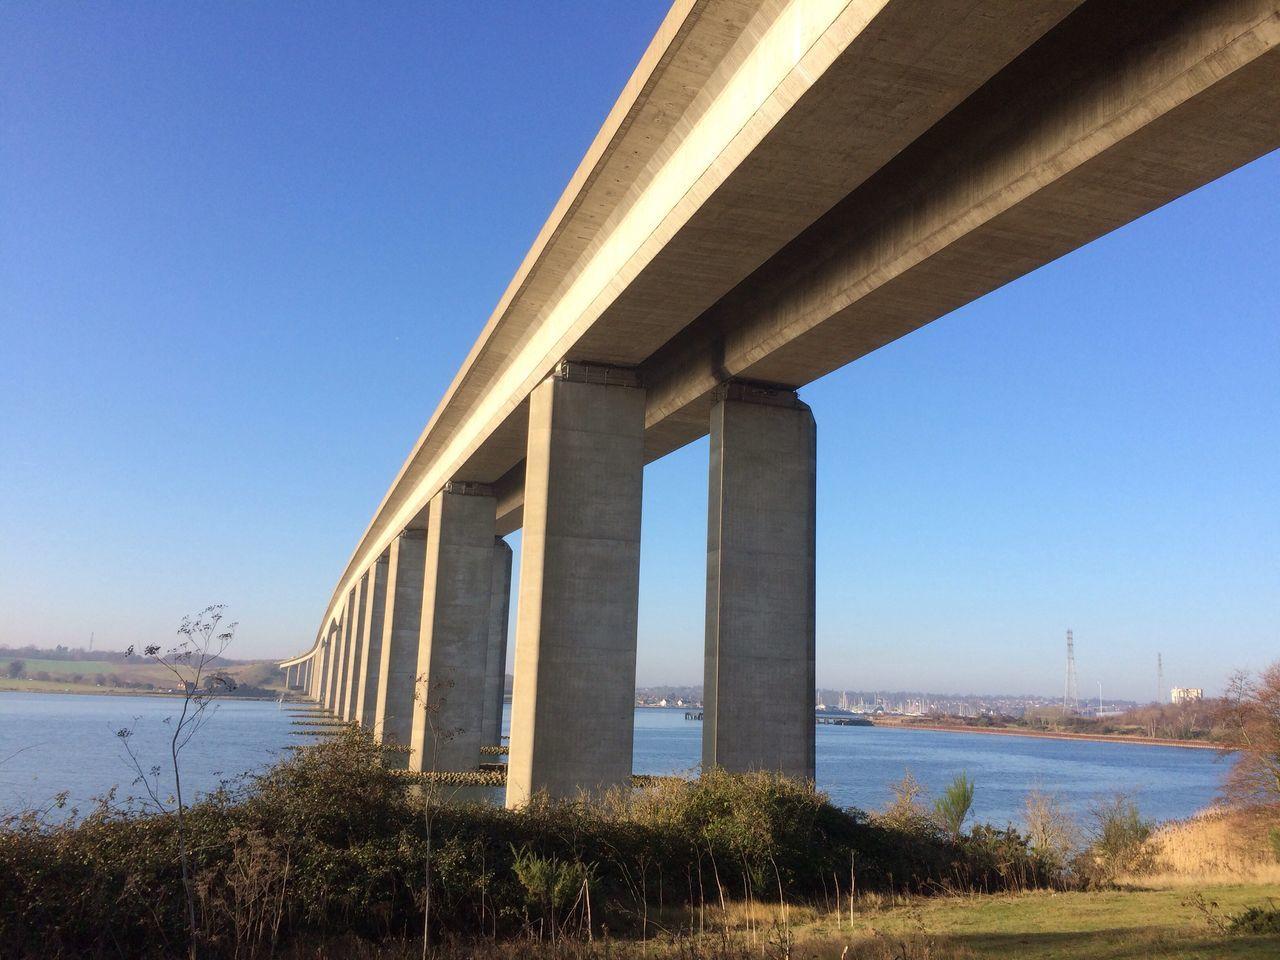 Concrete Bridge over the river